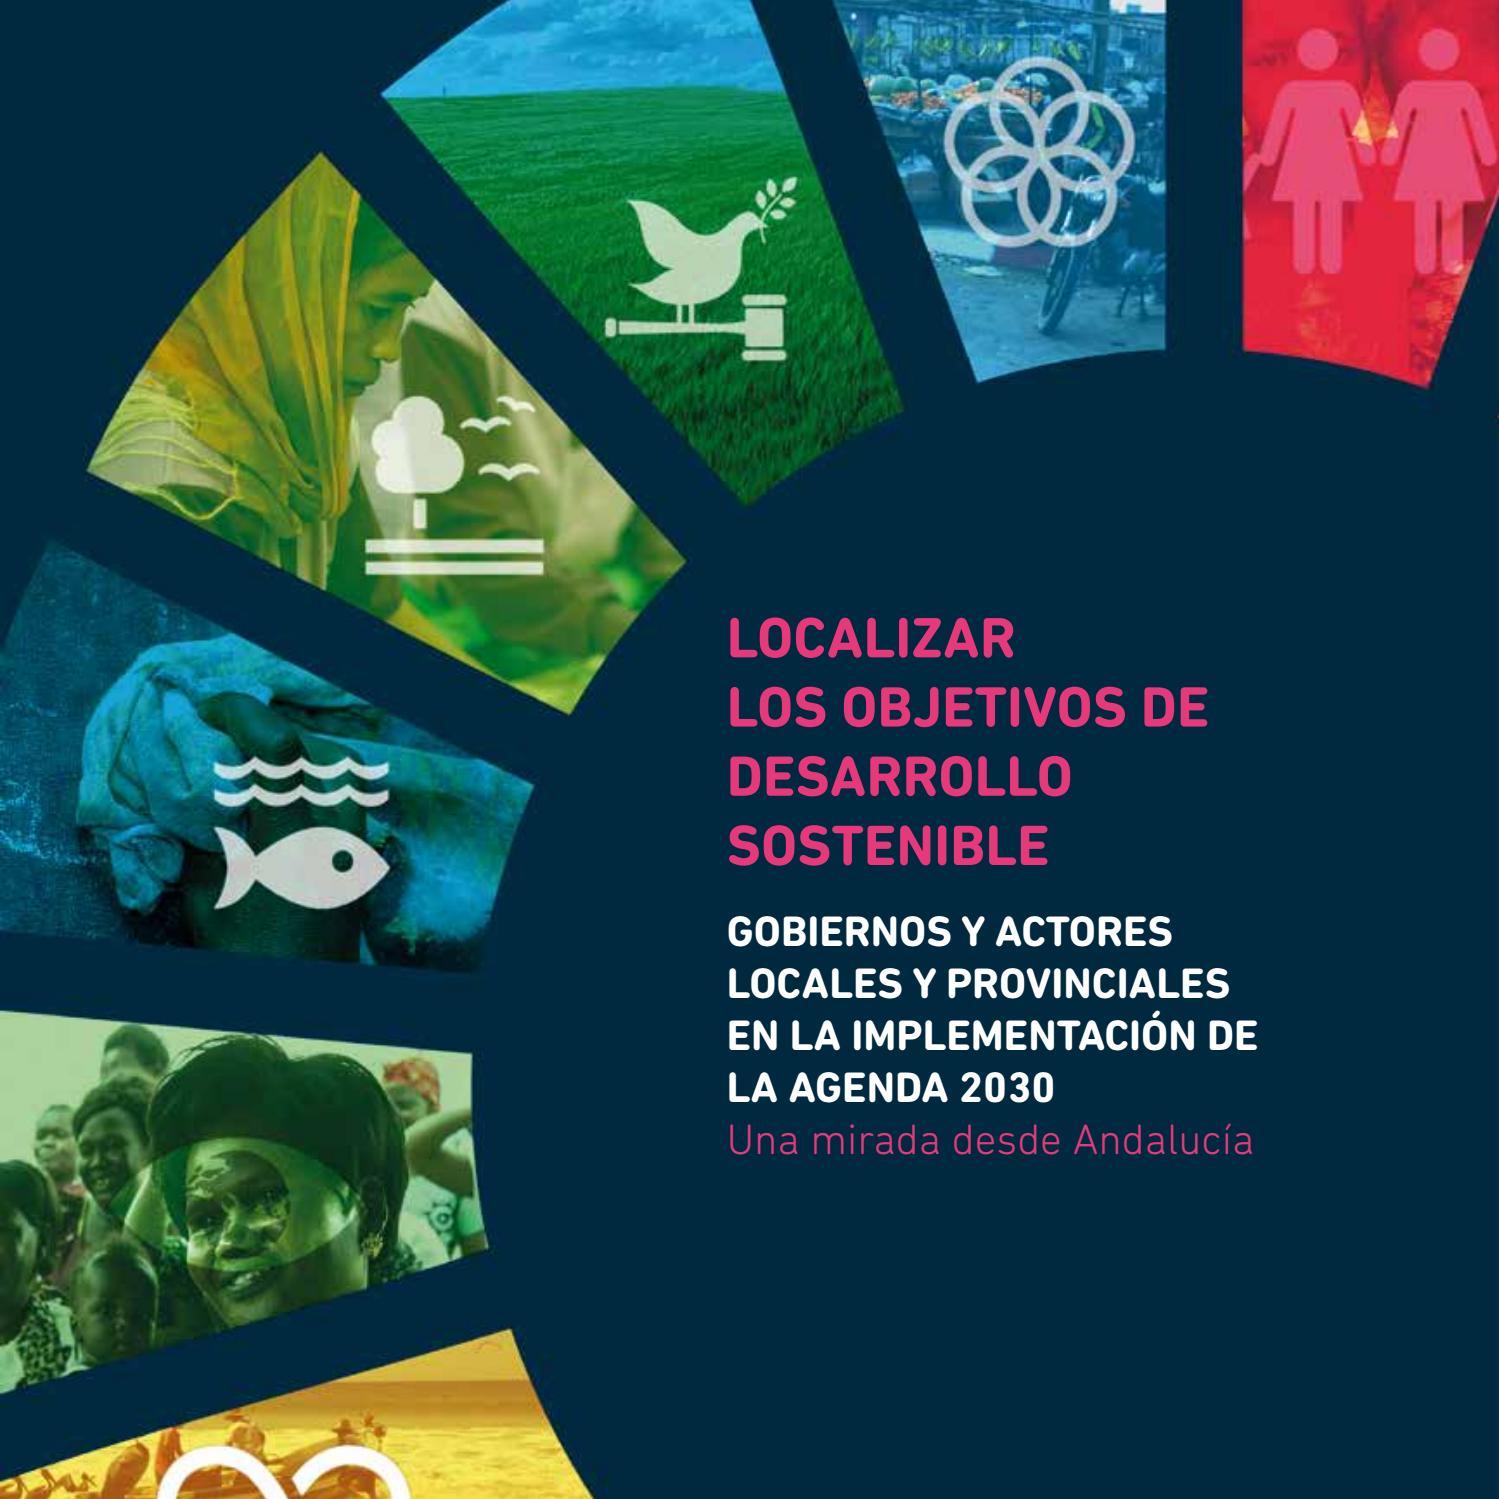 Localizar los objetivos de desarrollo sostenible